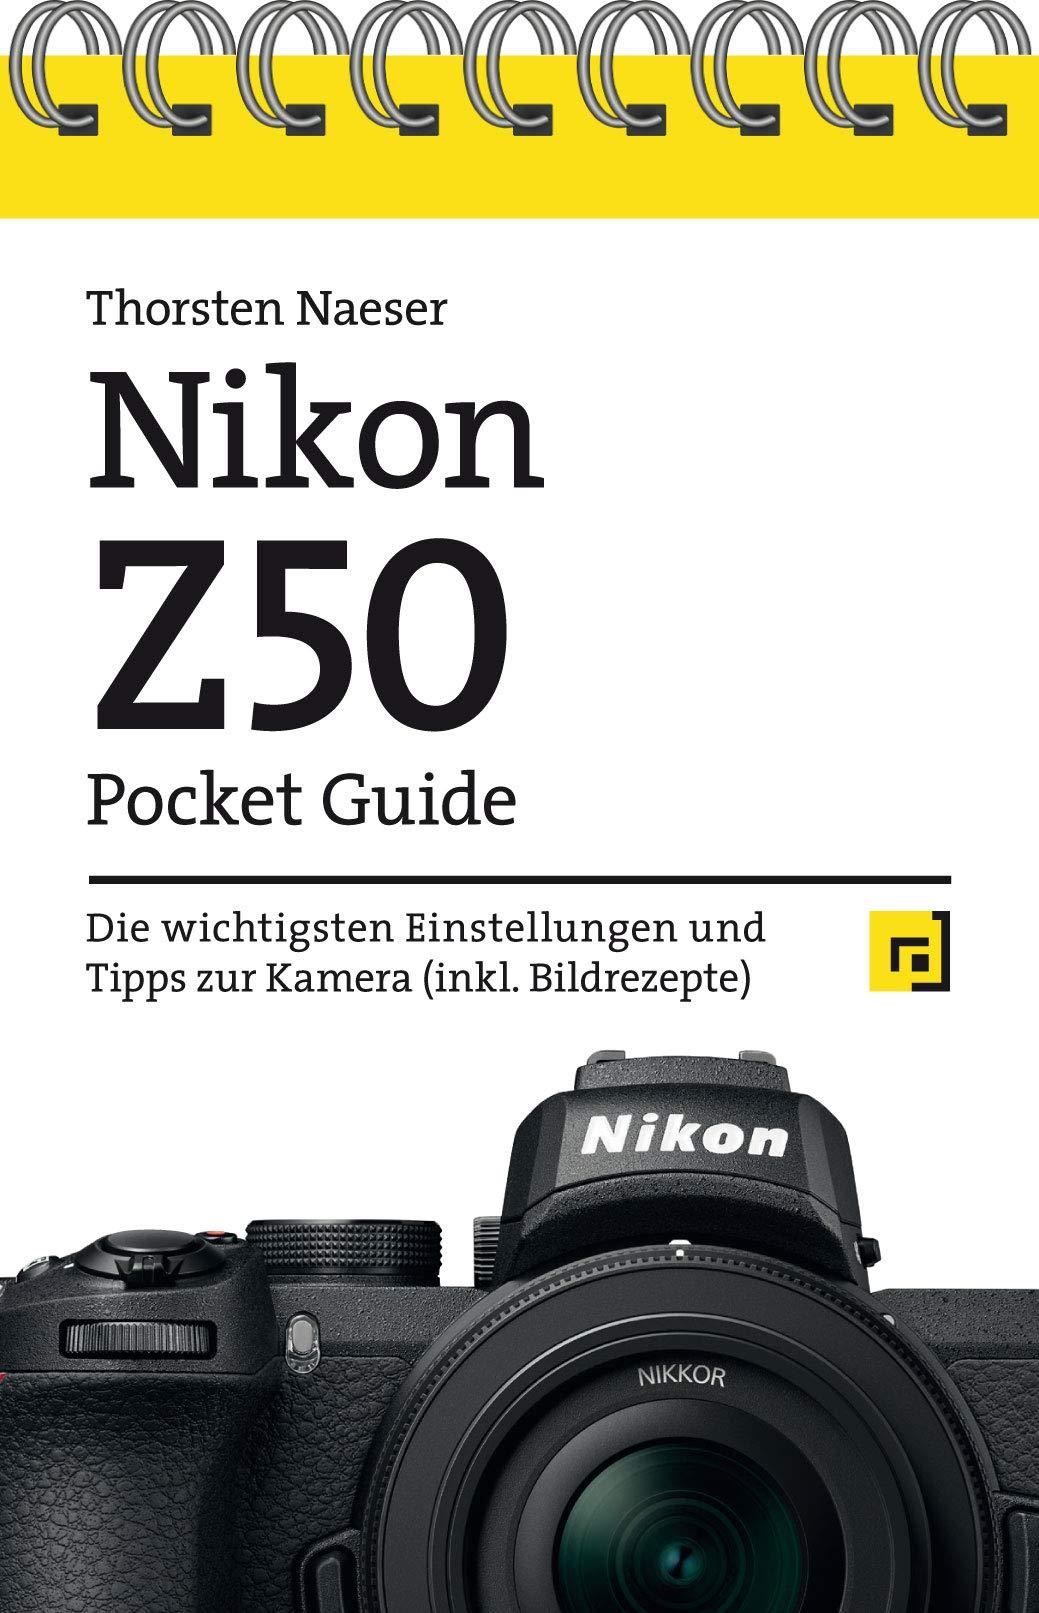 Nikon Z50 Pocket Guide Die Wichtigsten Einstellungen Und Tipps Zur Kamera Inkl Bildrezepte Naeser Thorsten Bücher